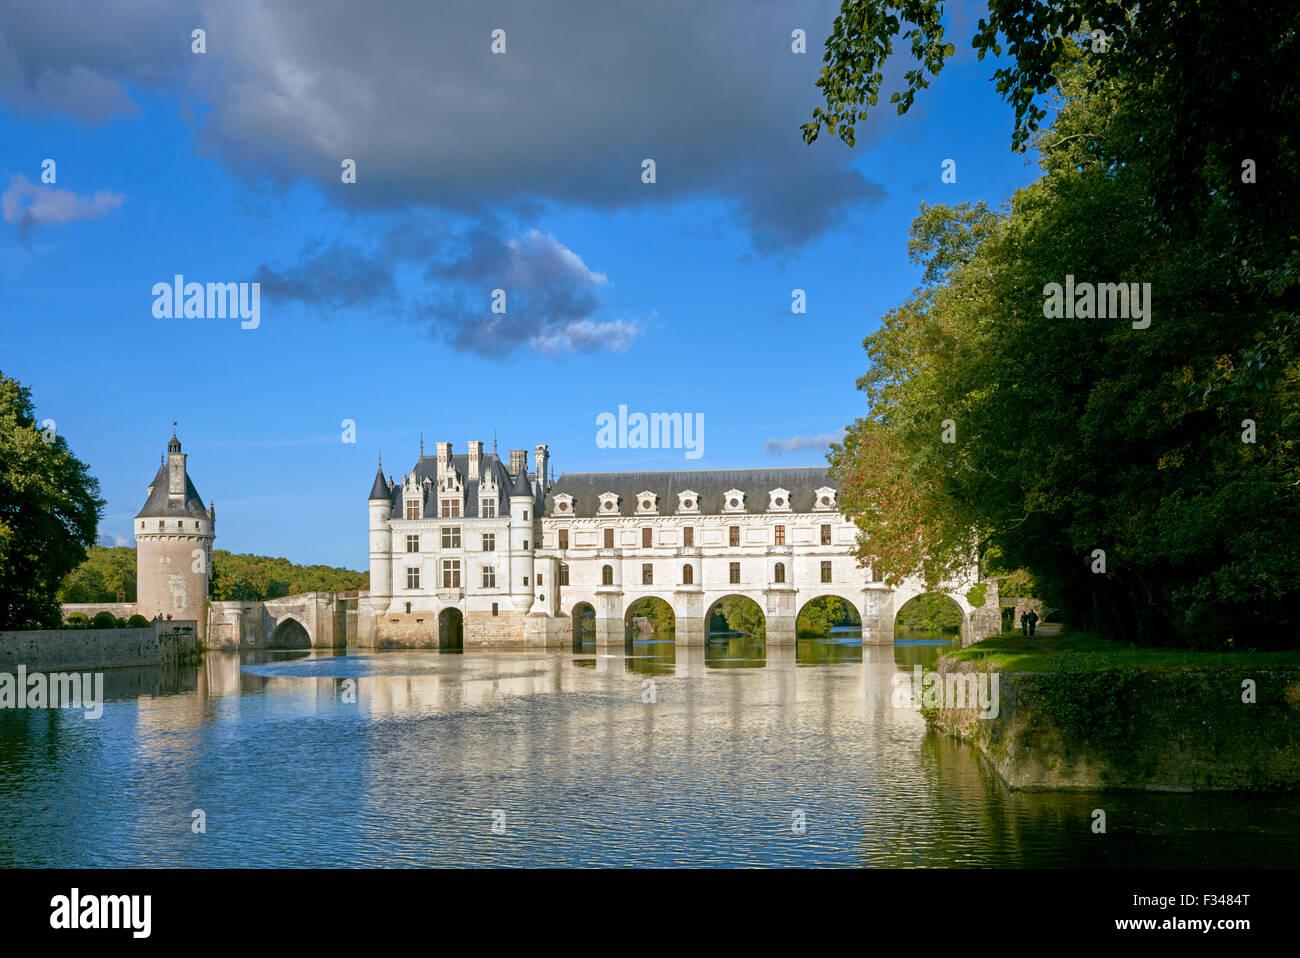 Château de Chenonceau y el río Cher, con la pareja caminando en el sendero. Chenonceaux, Indre-et-Loire, Imagen De Stock